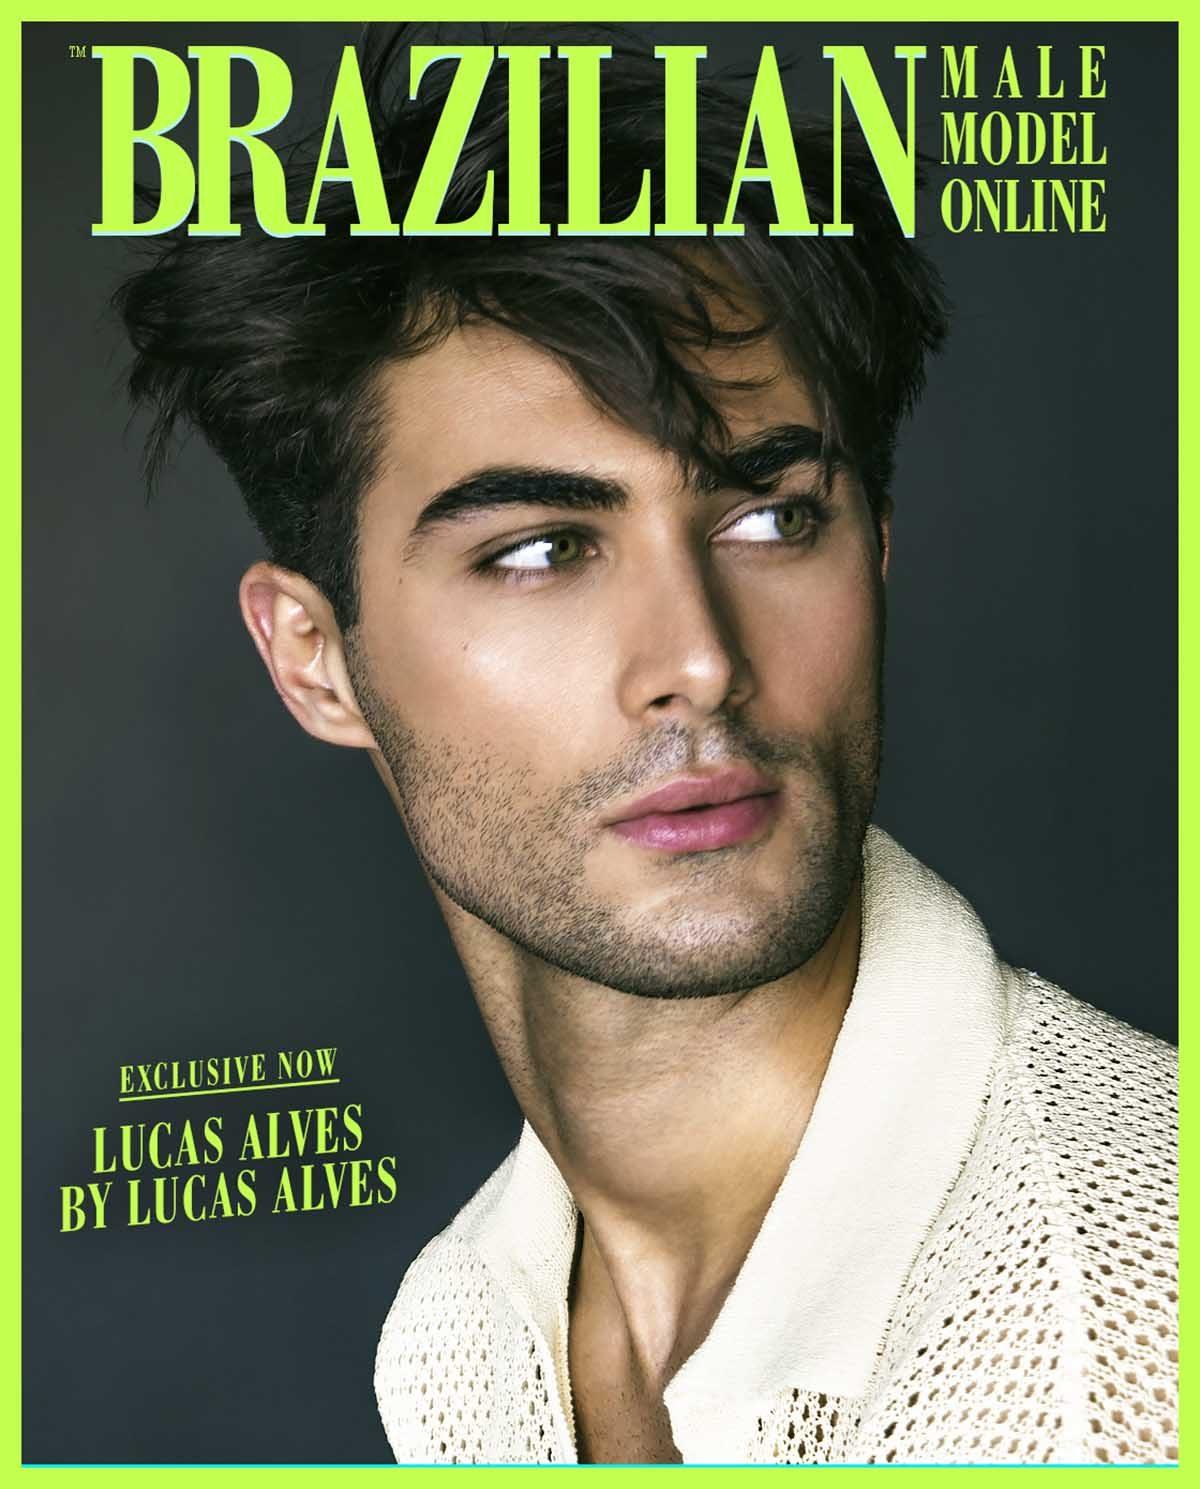 Lucas Alves by Lucas Alves